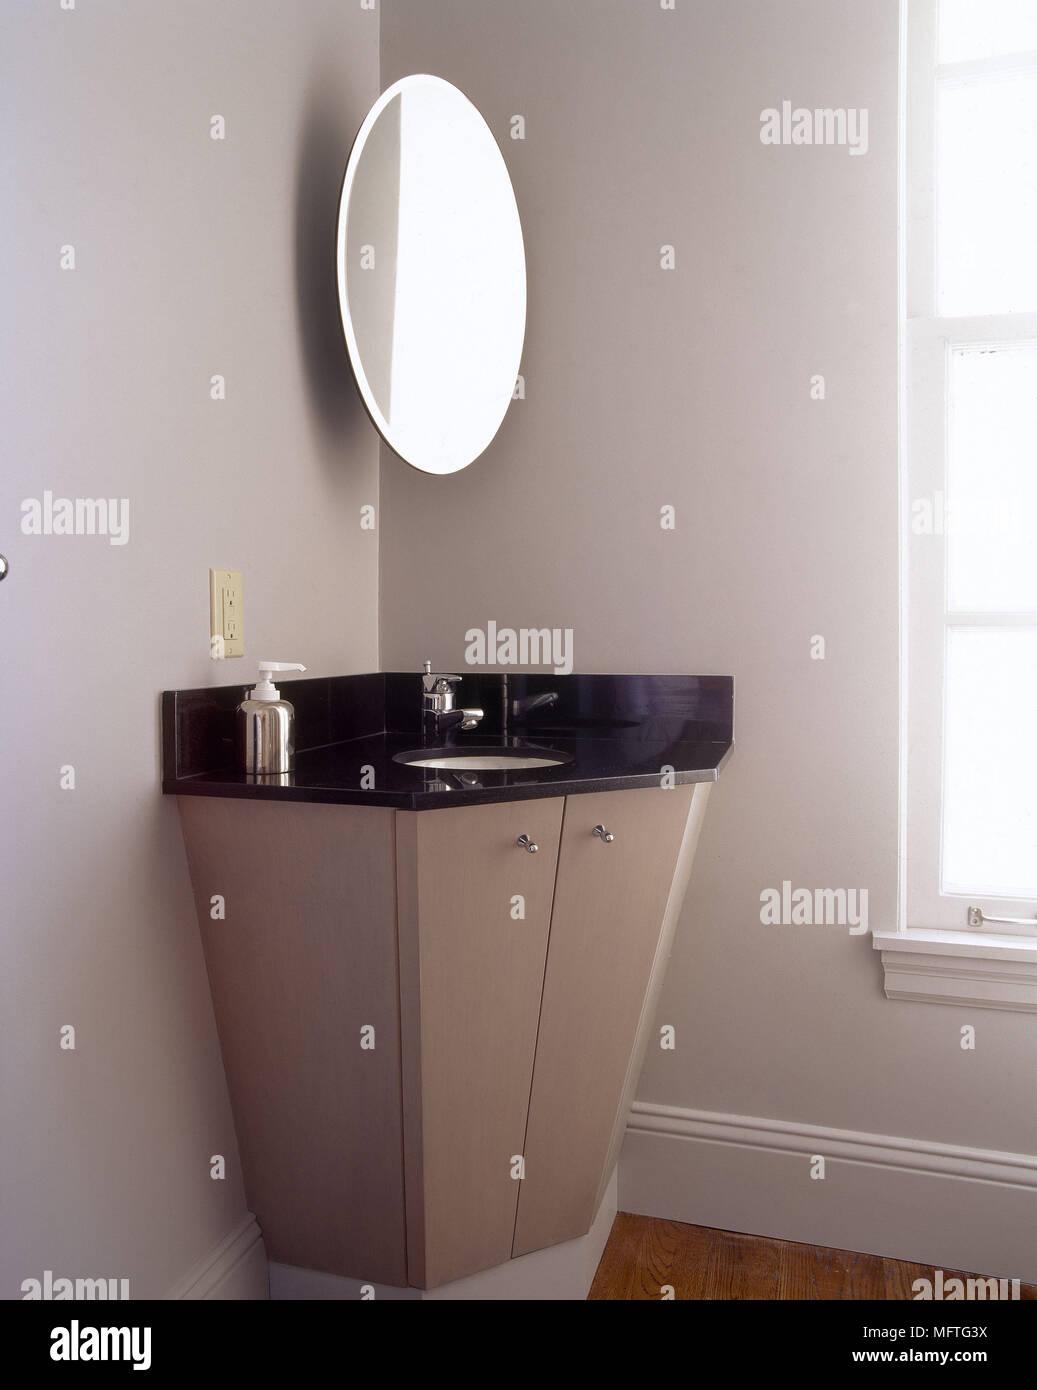 Lavabi Ad Angolo Lavandini Bagno.Particolare Di Un Bagno Ad Angolo Con Lavabo Sotto Specchio Ovale